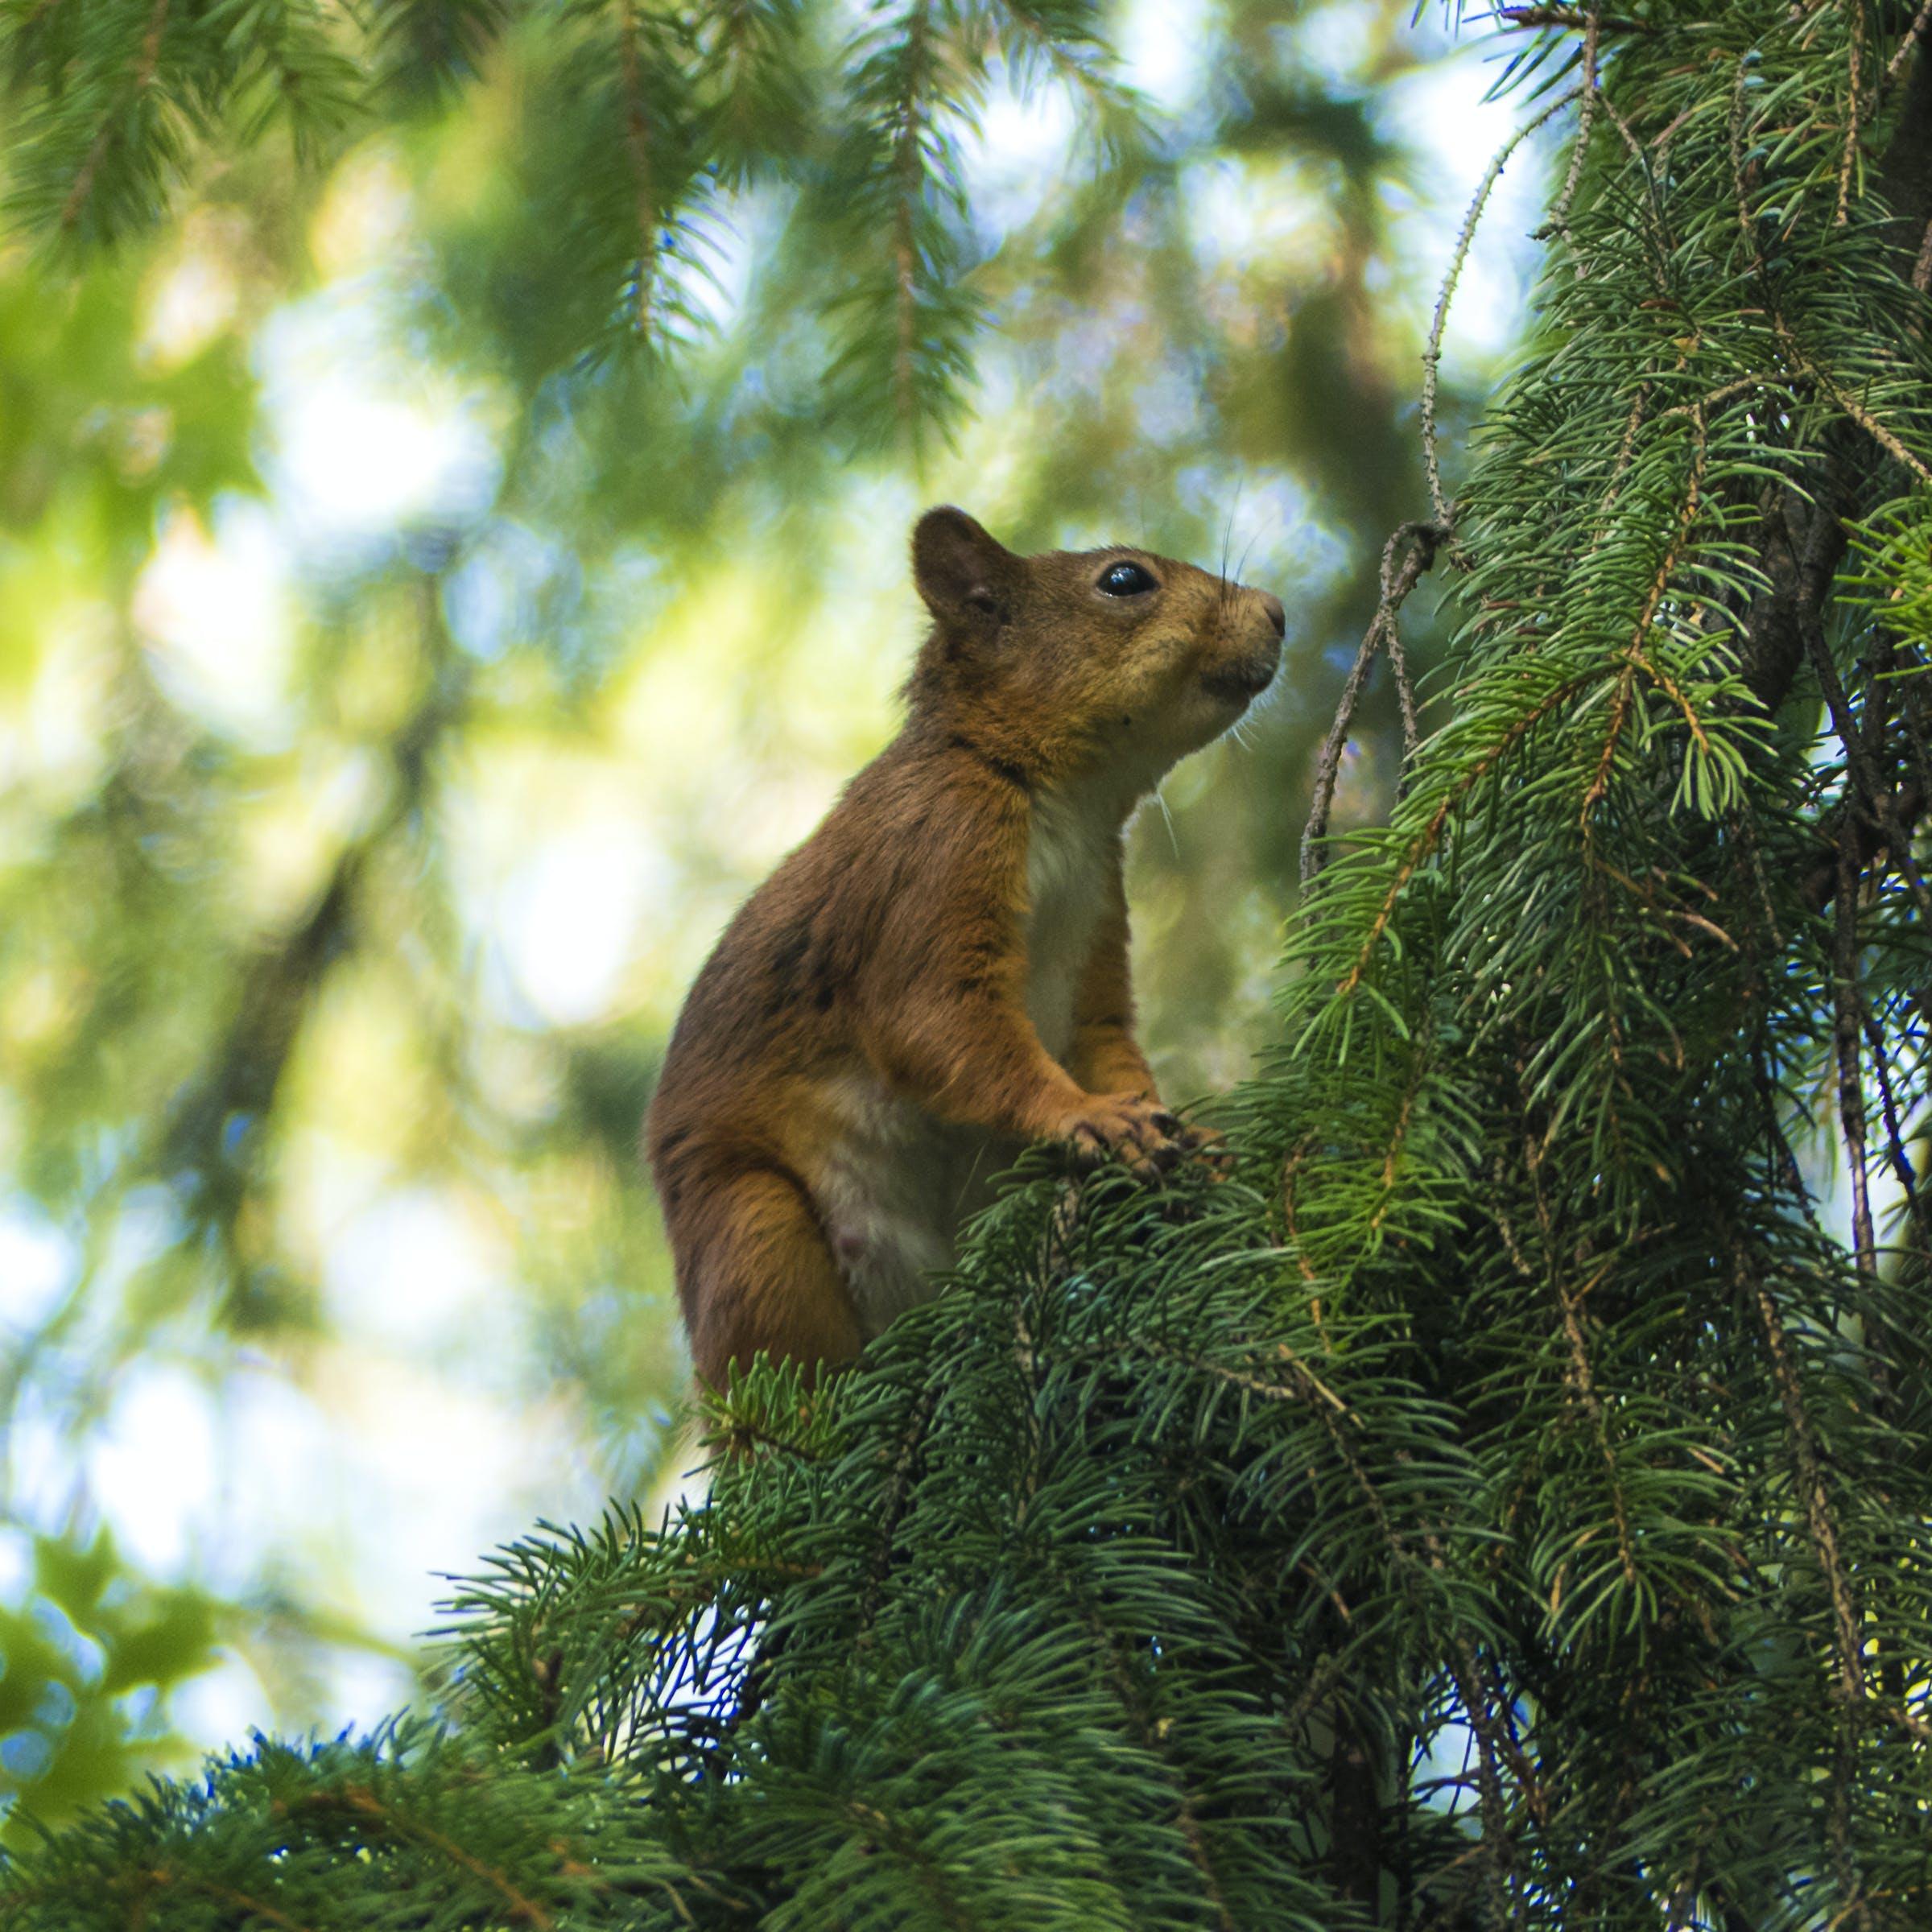 Δωρεάν στοκ φωτογραφιών με άγρια φύση, άγριος, βλέπω, γκρο πλαν